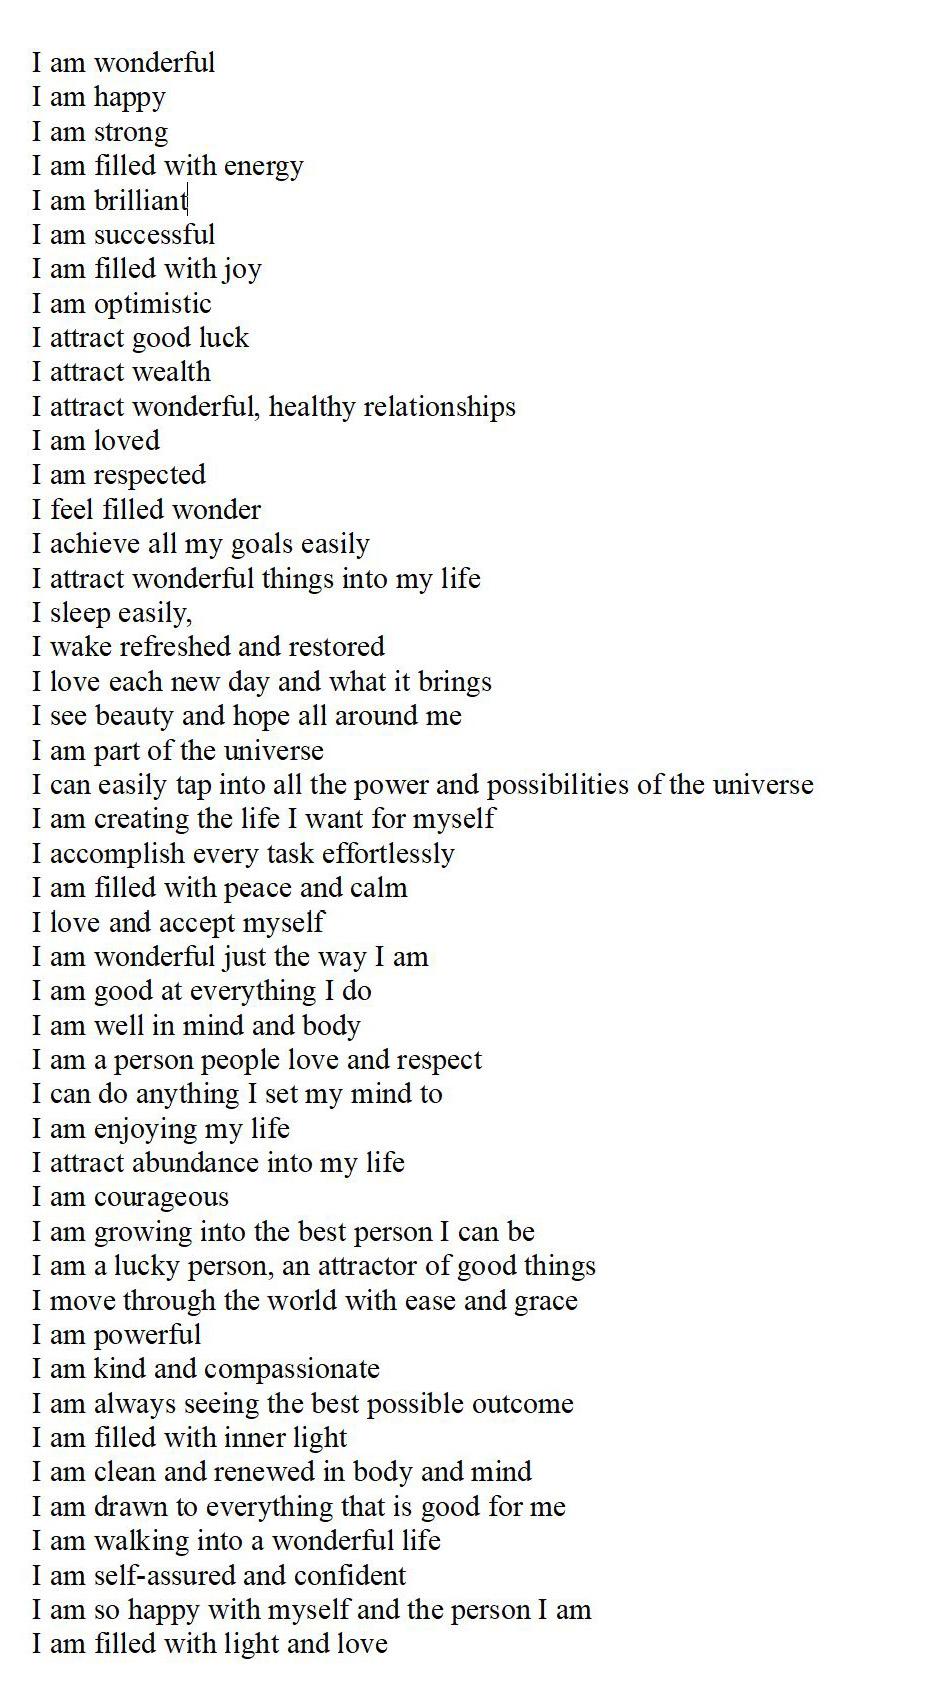 I am list of affirmations